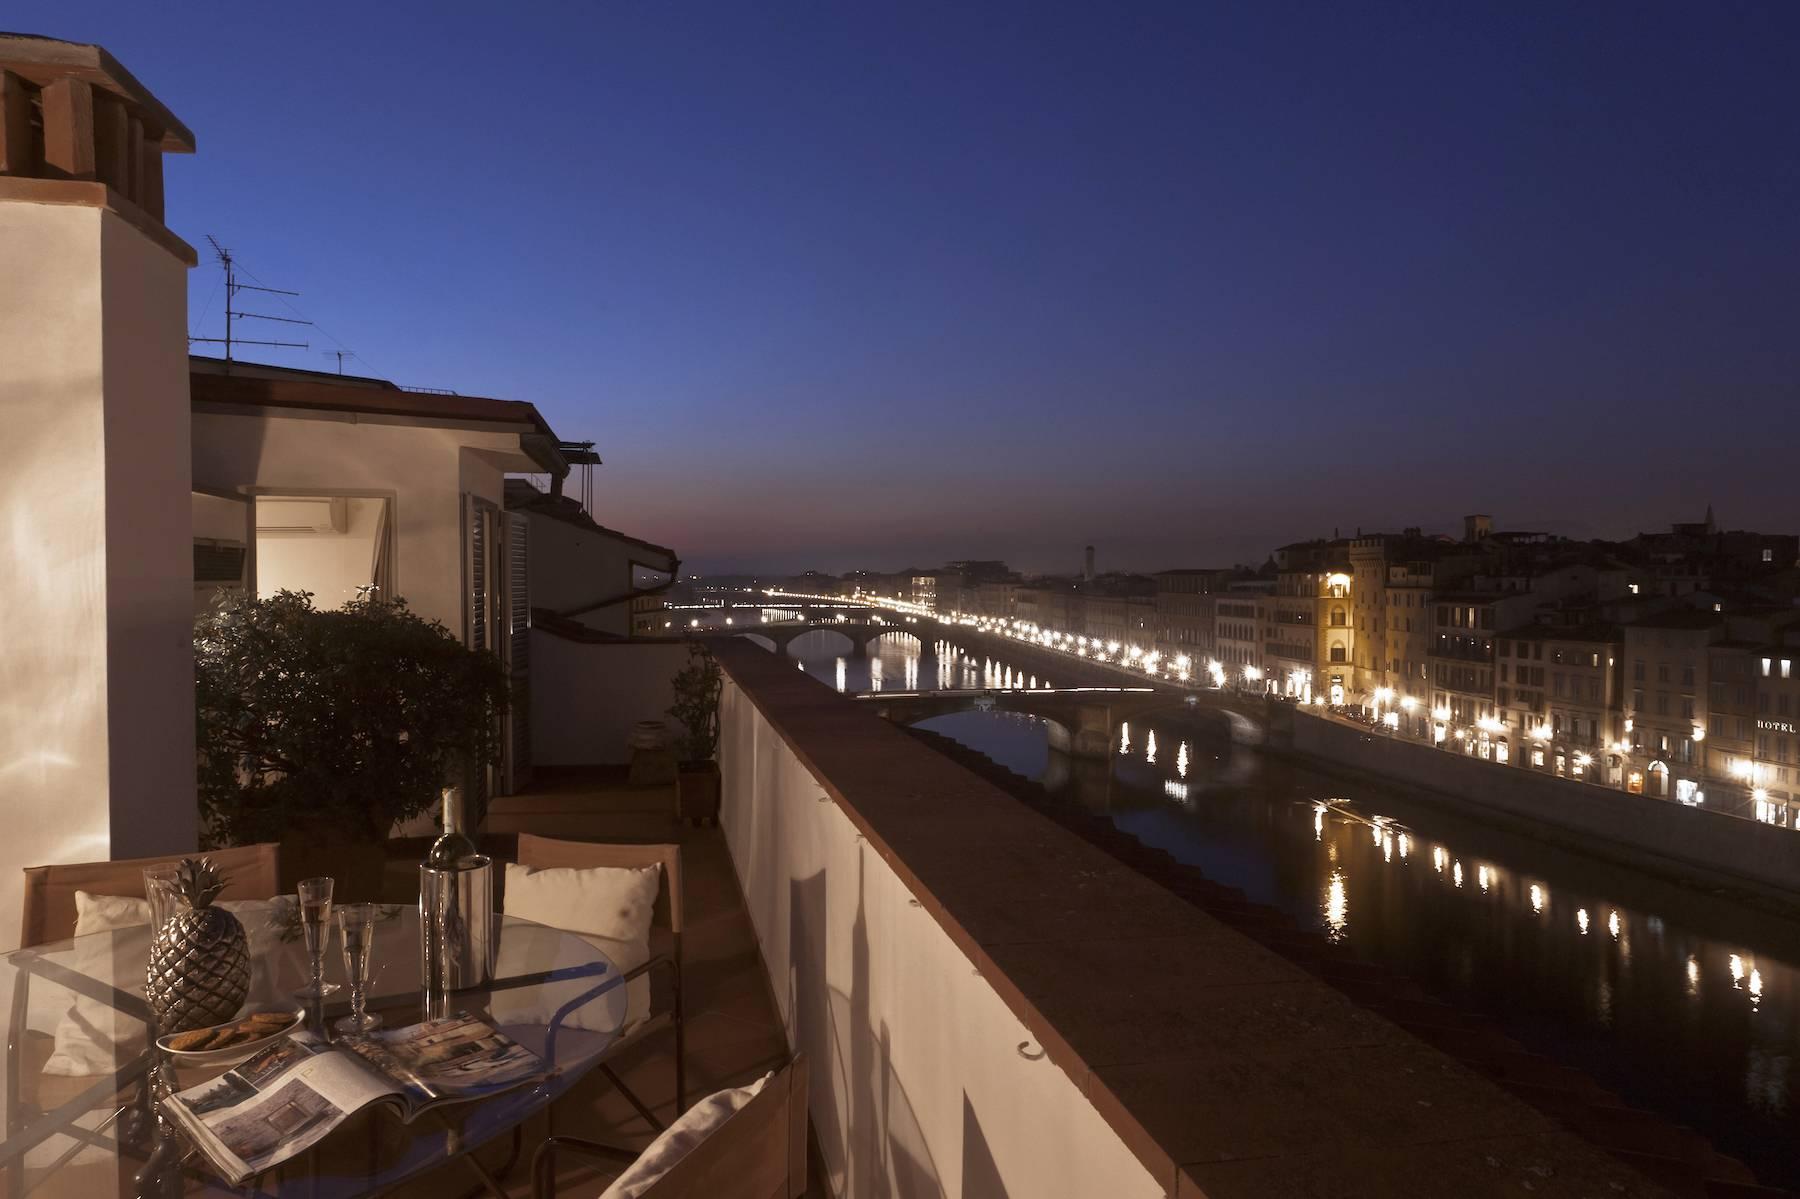 Attico in Affitto a Firenze: 5 locali, 125 mq - Foto 11